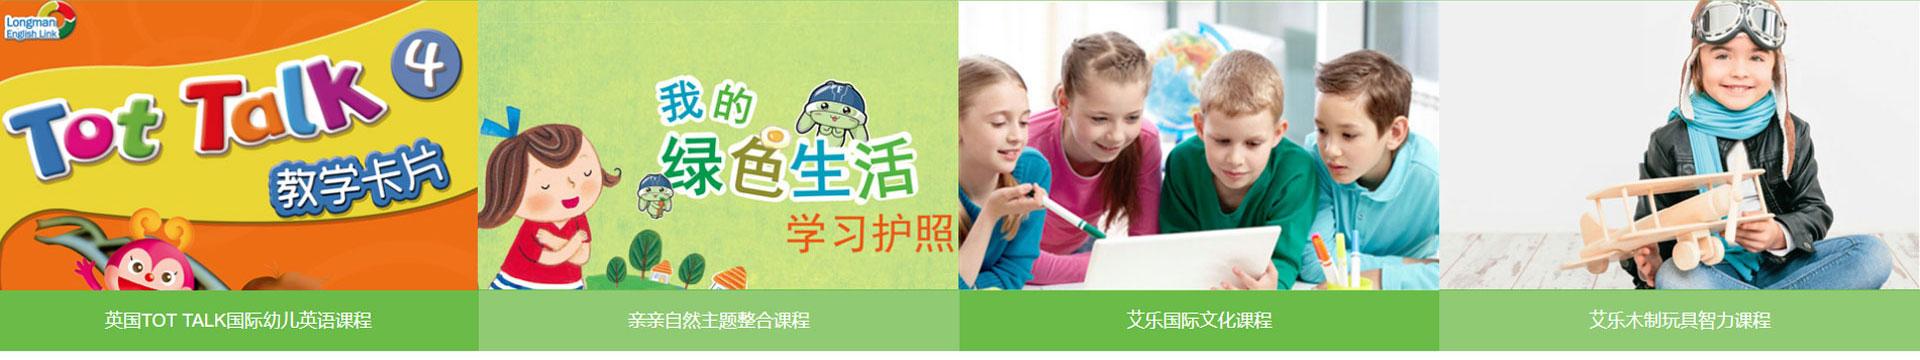 香港艾乐国际幼儿园al_13